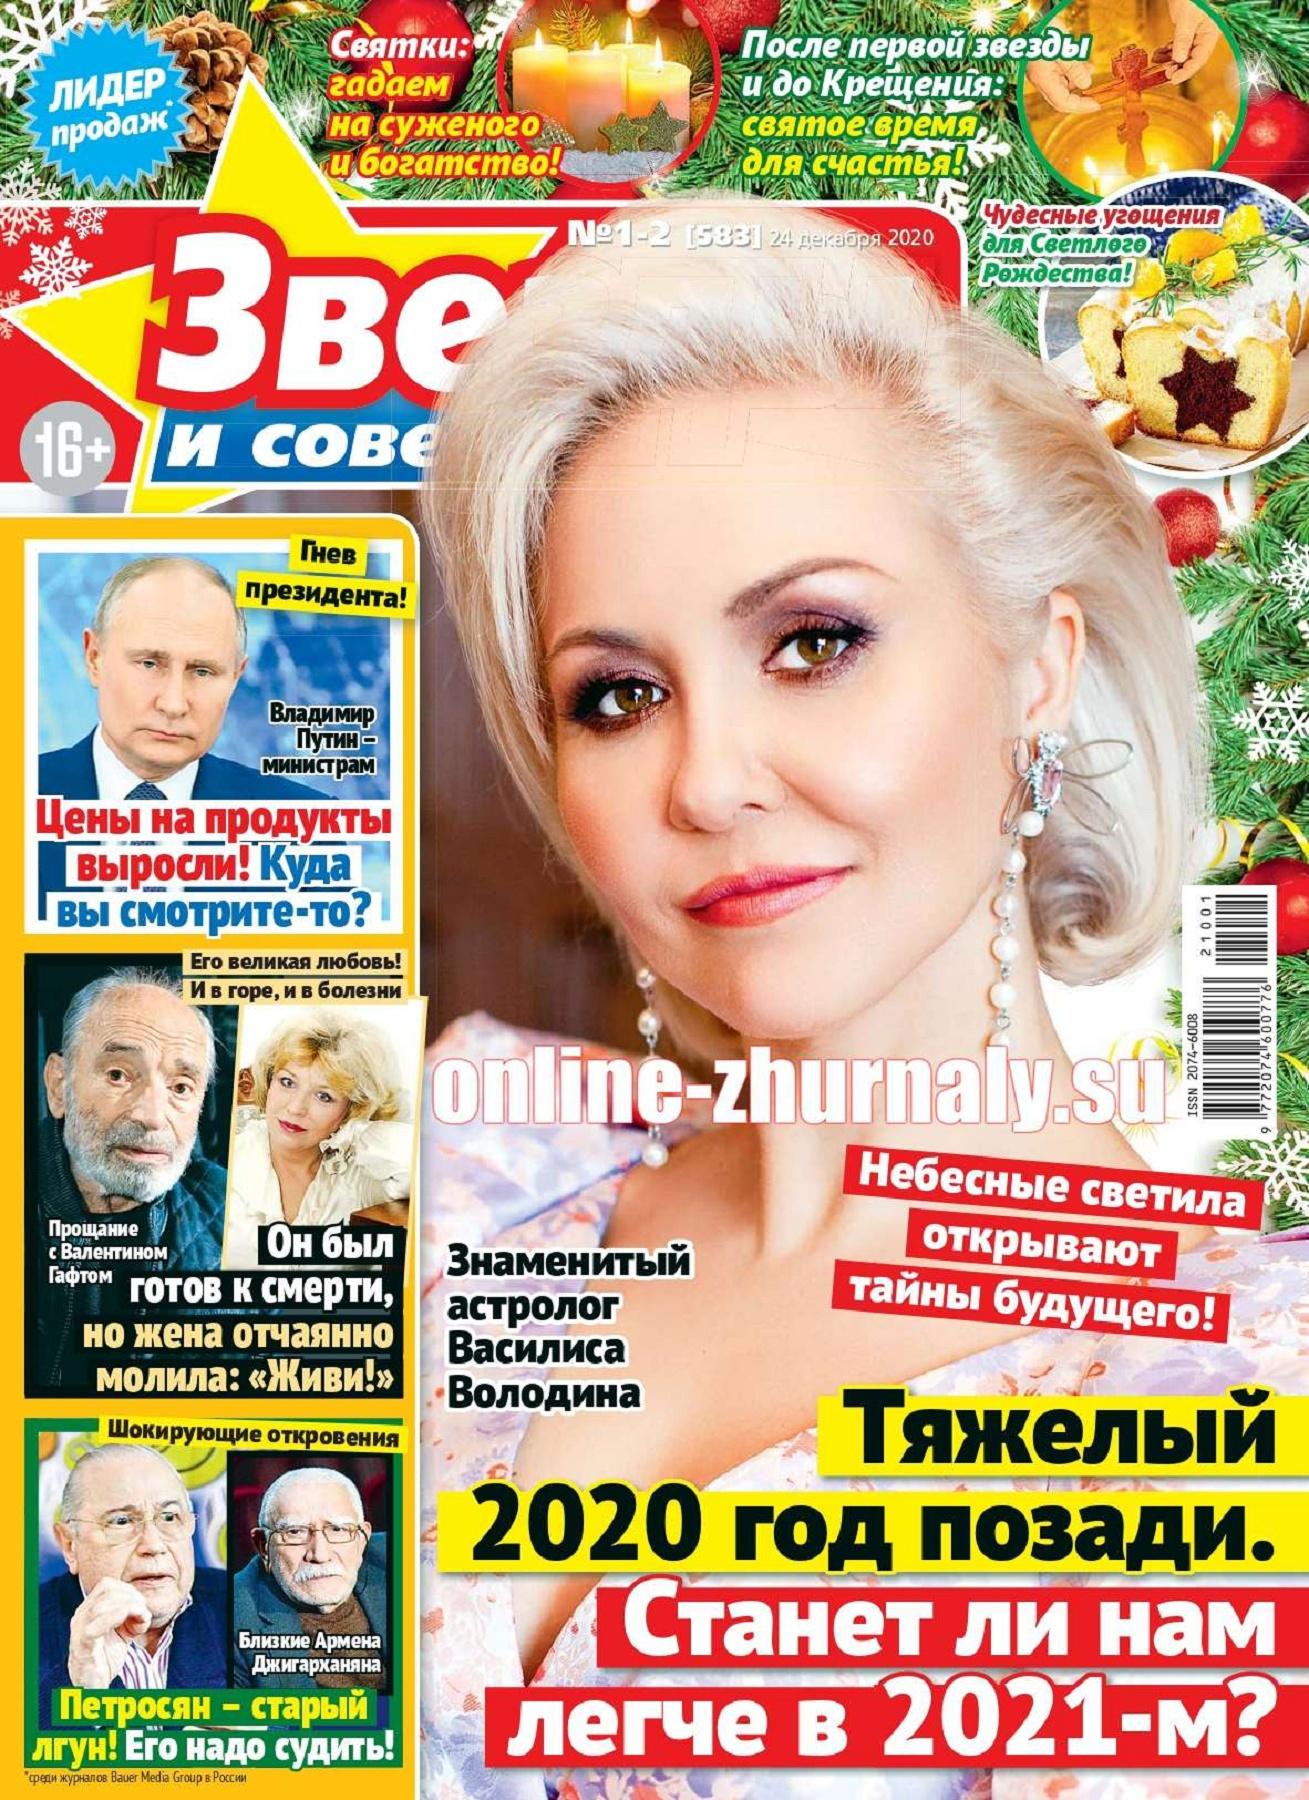 Читать журнал Звезды и советы №1-2, декабрь 2020 - январь 2021